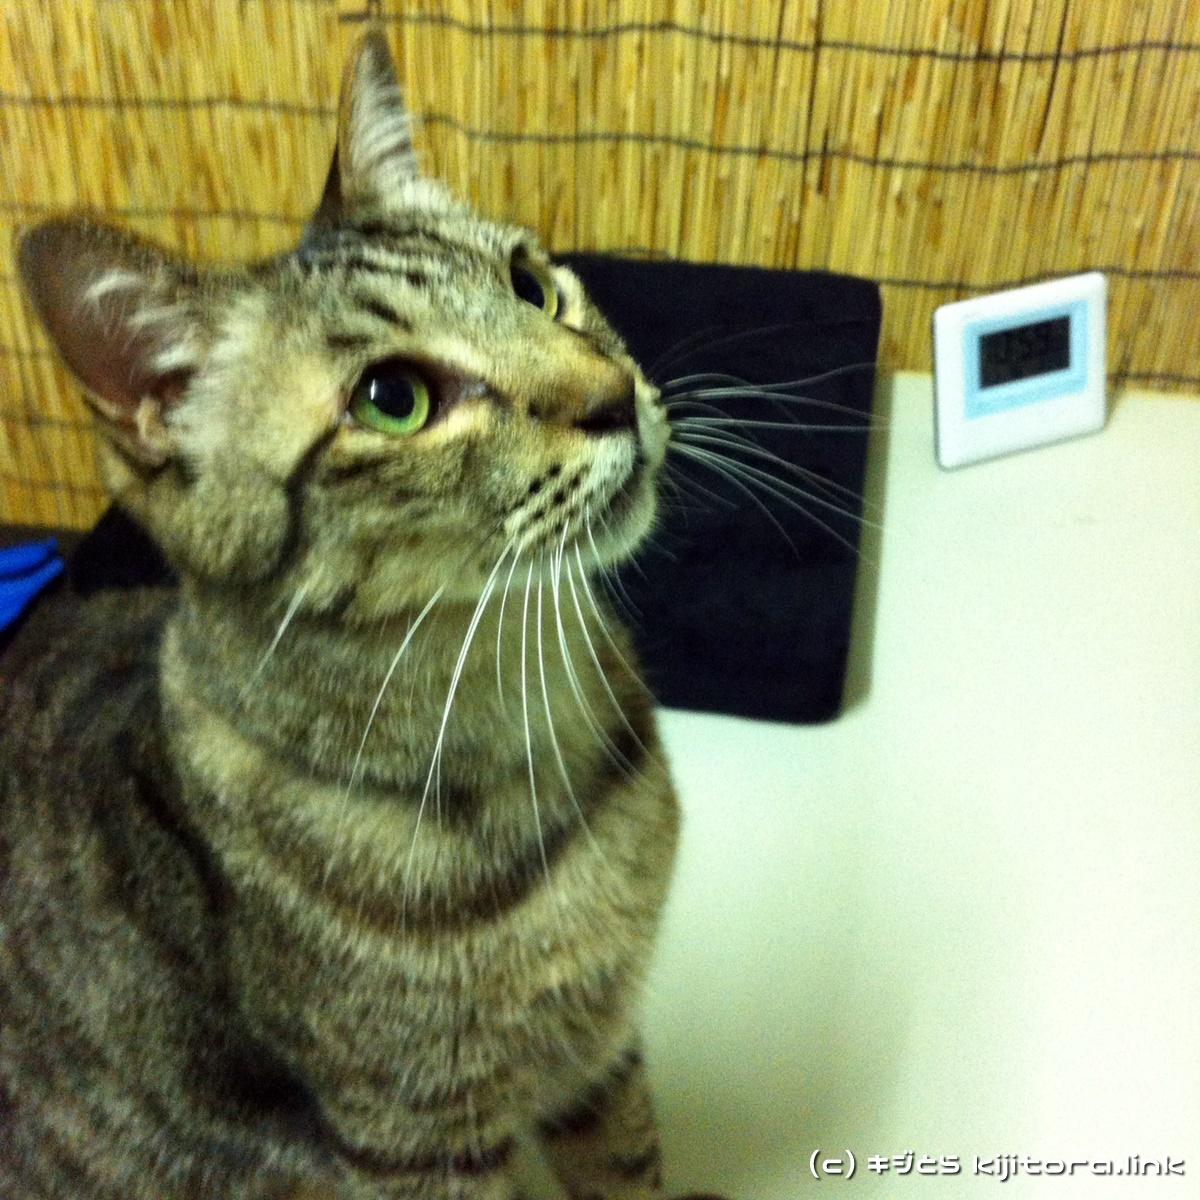 今夜の猫のご飯はジバニャン弁当ニャ♪(猫の食事9)